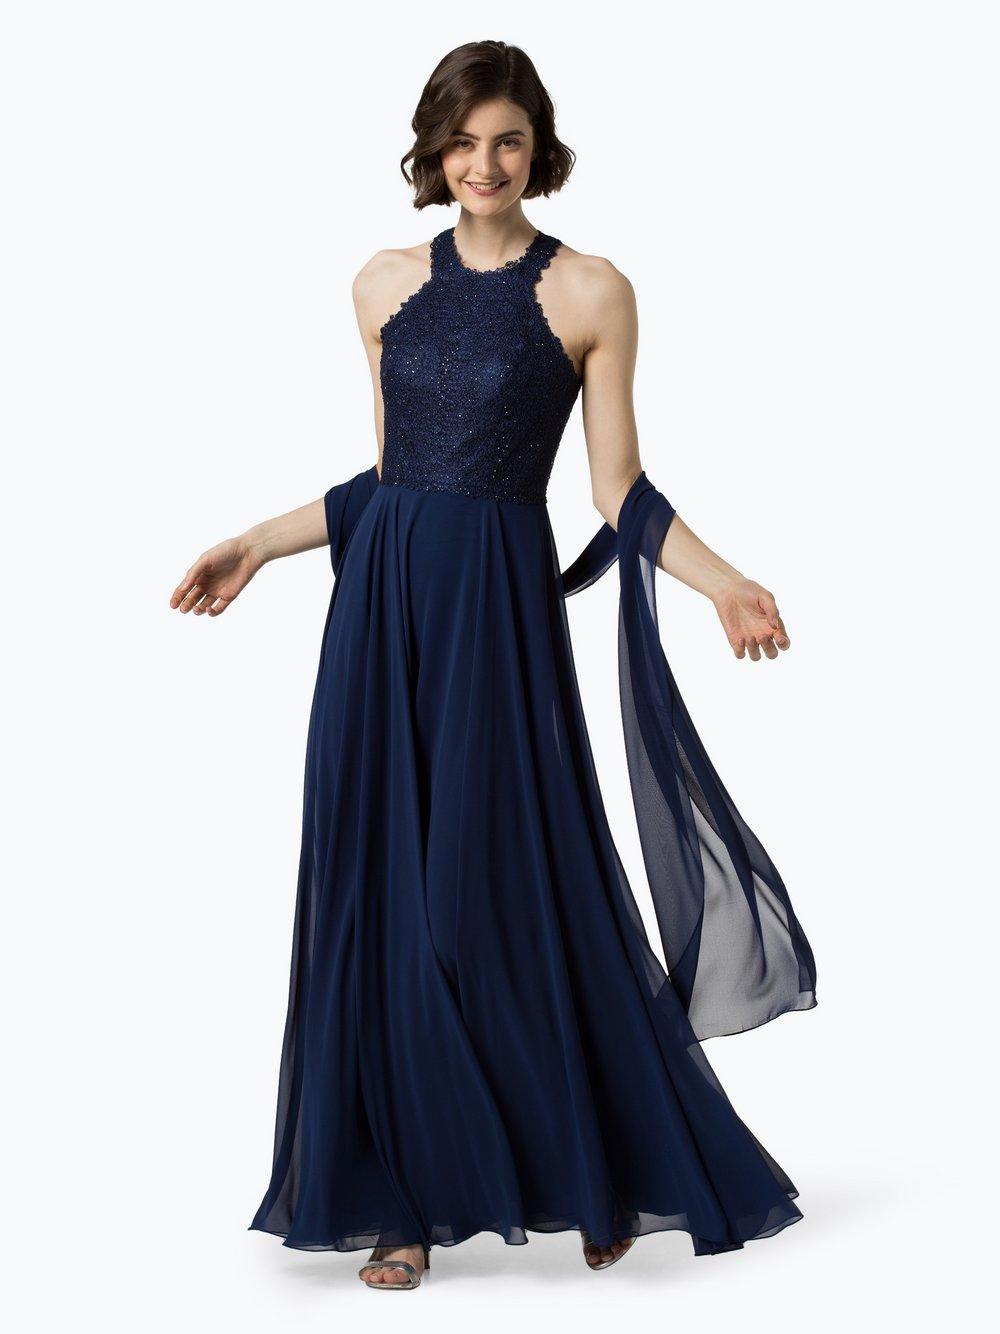 Luxuar Fashion – Damska sukienka wieczorowa z etolą, niebieski Van Graaf 441614-0002-00340